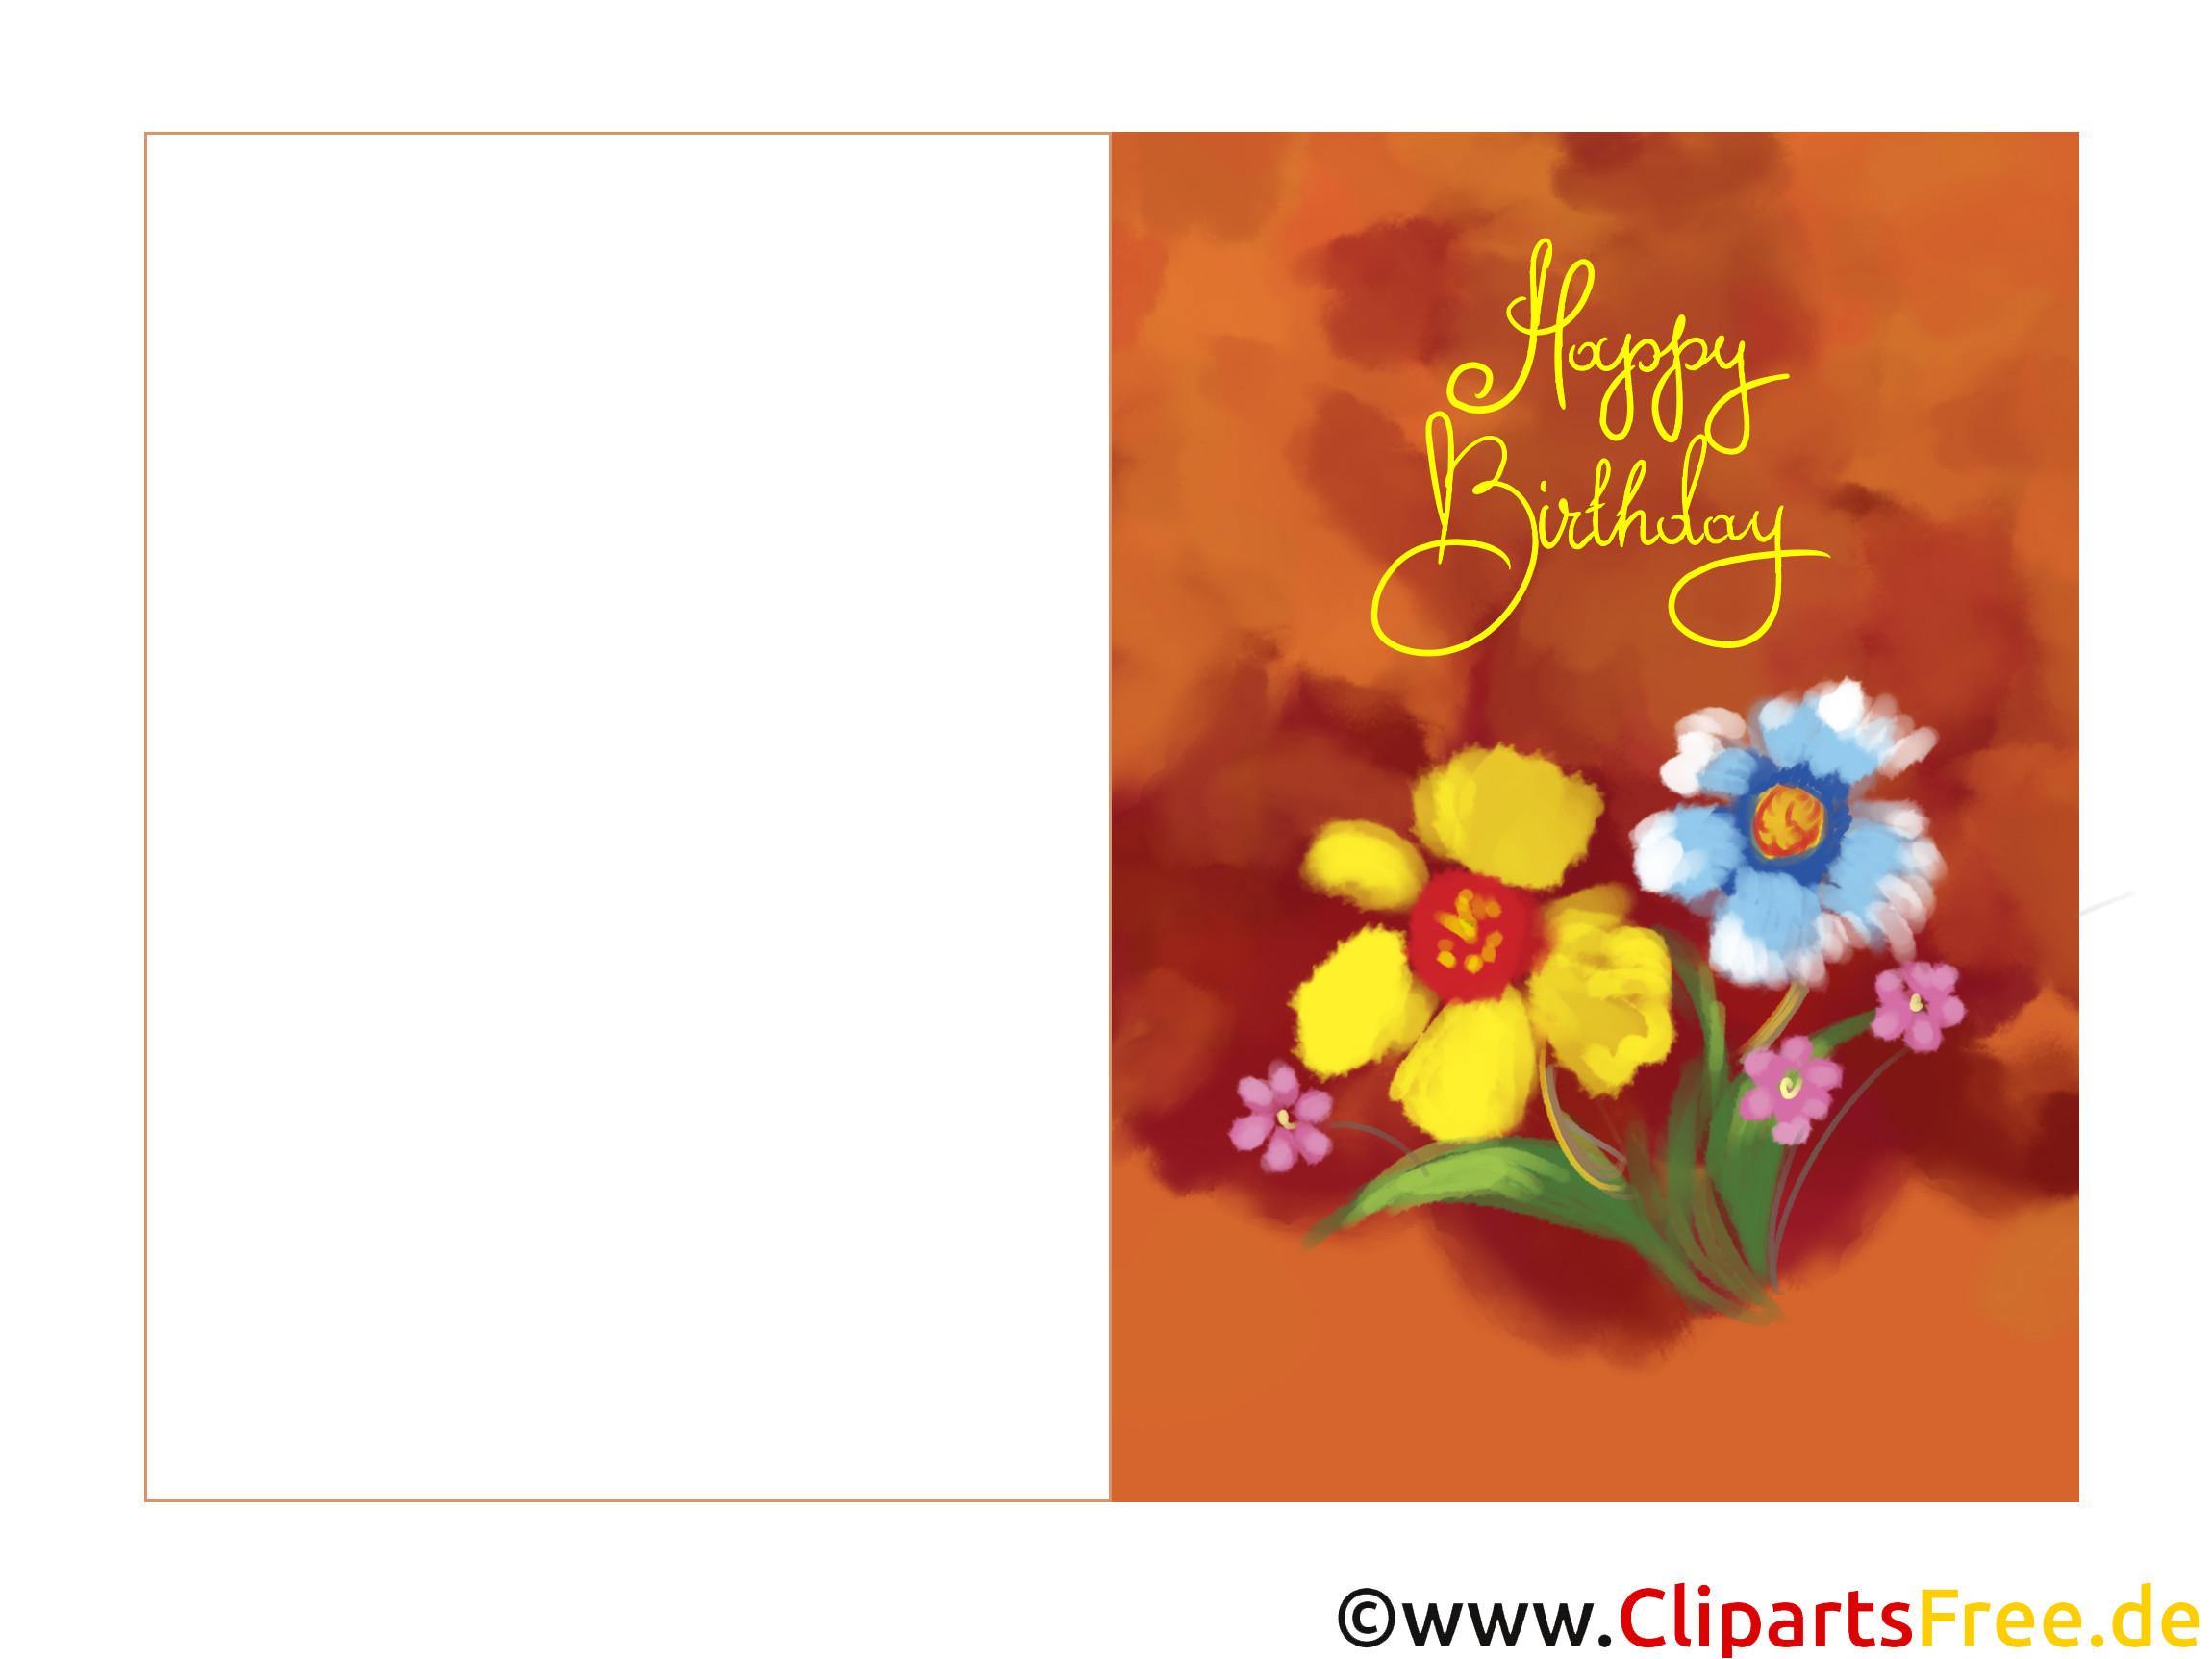 Geburtstagskarten Ausdrucken  Elektronische Geburtstagskarte kostenlos zum Runterladen